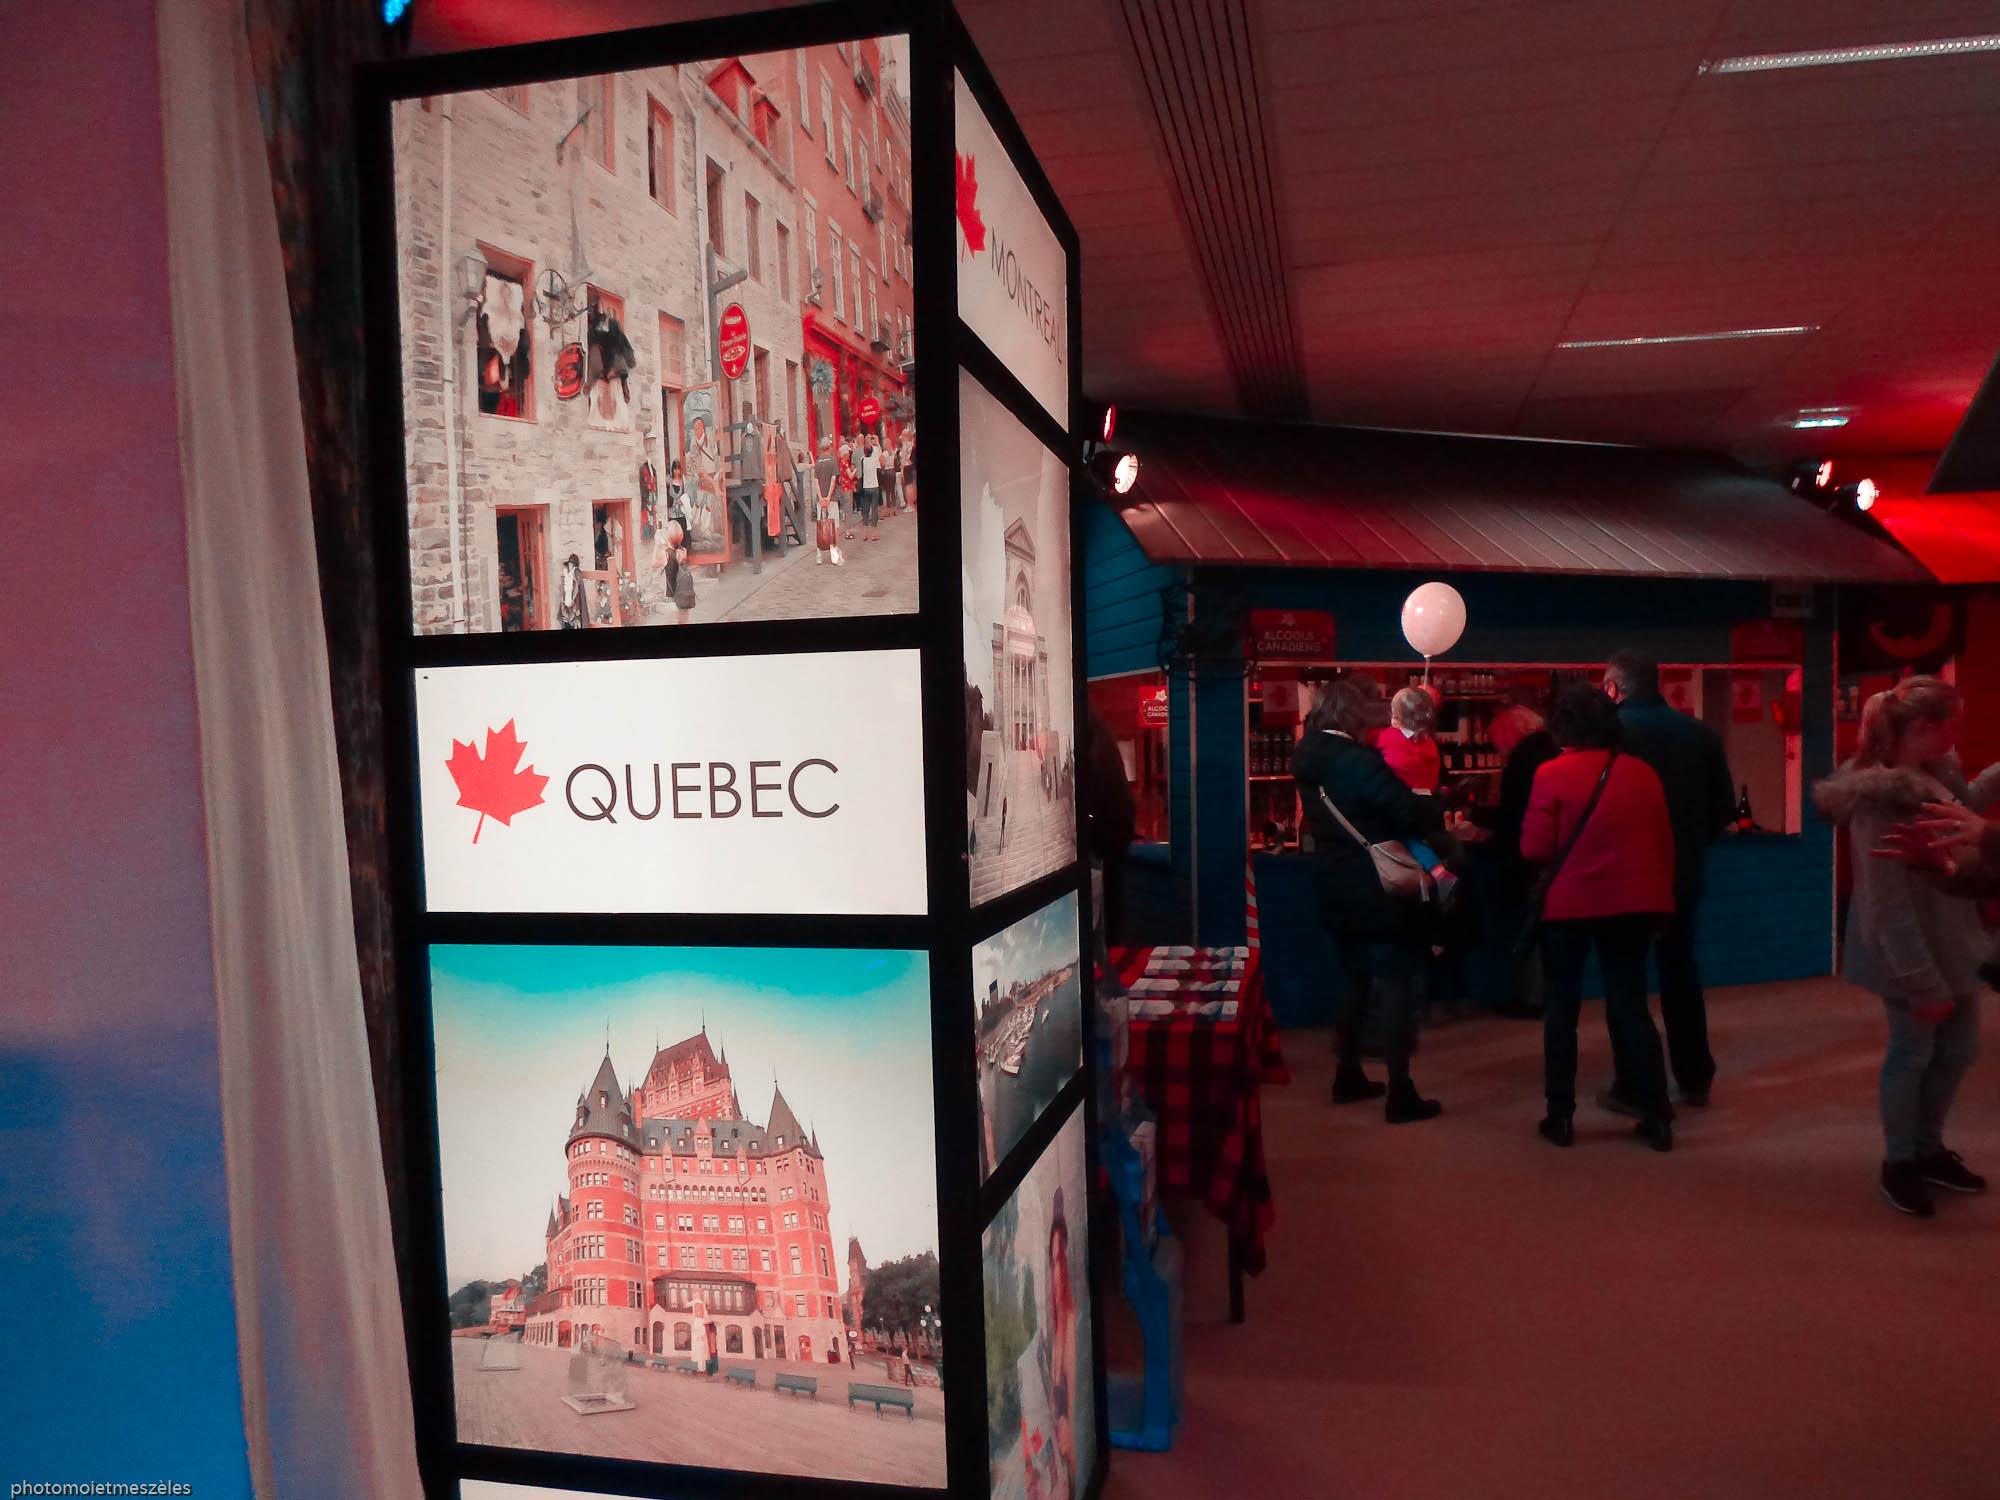 Découverte du Quebec et autres régions exposition Expérience Canada Le Havre